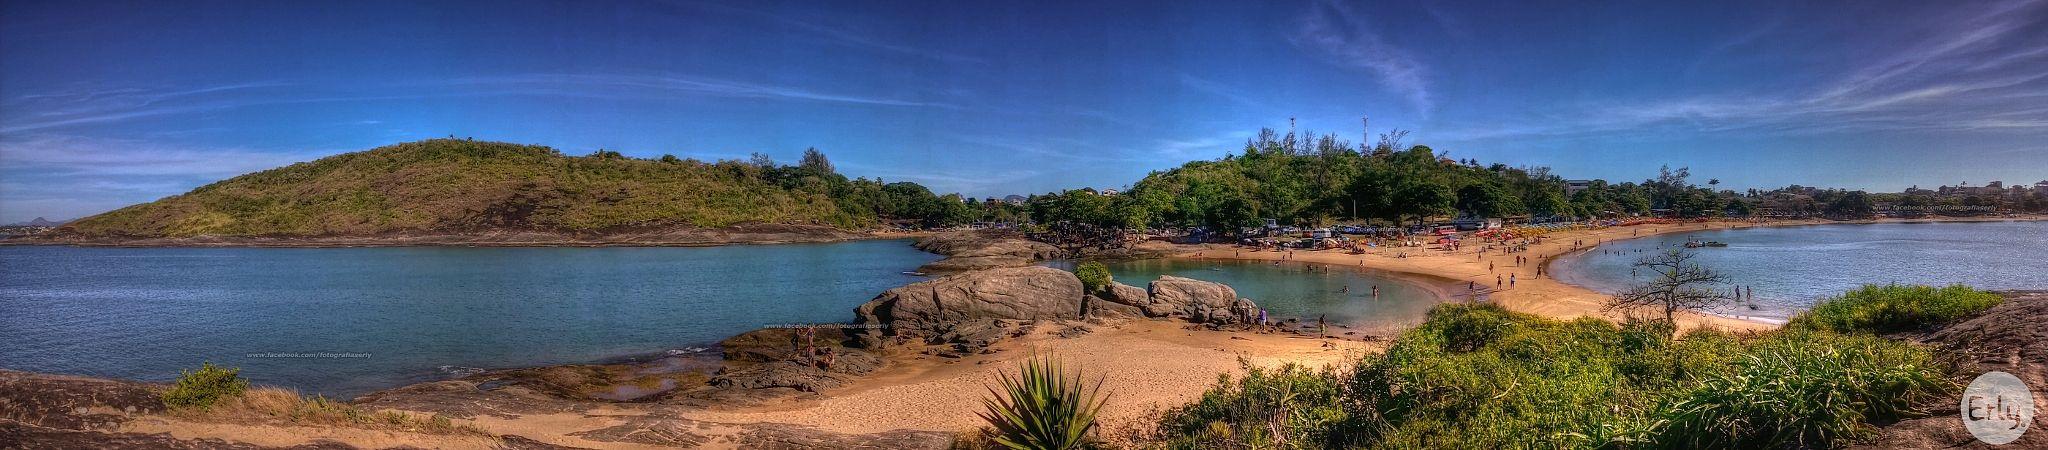 Setiba - Guarapari/ES by Erly Nunes Machado on 500px